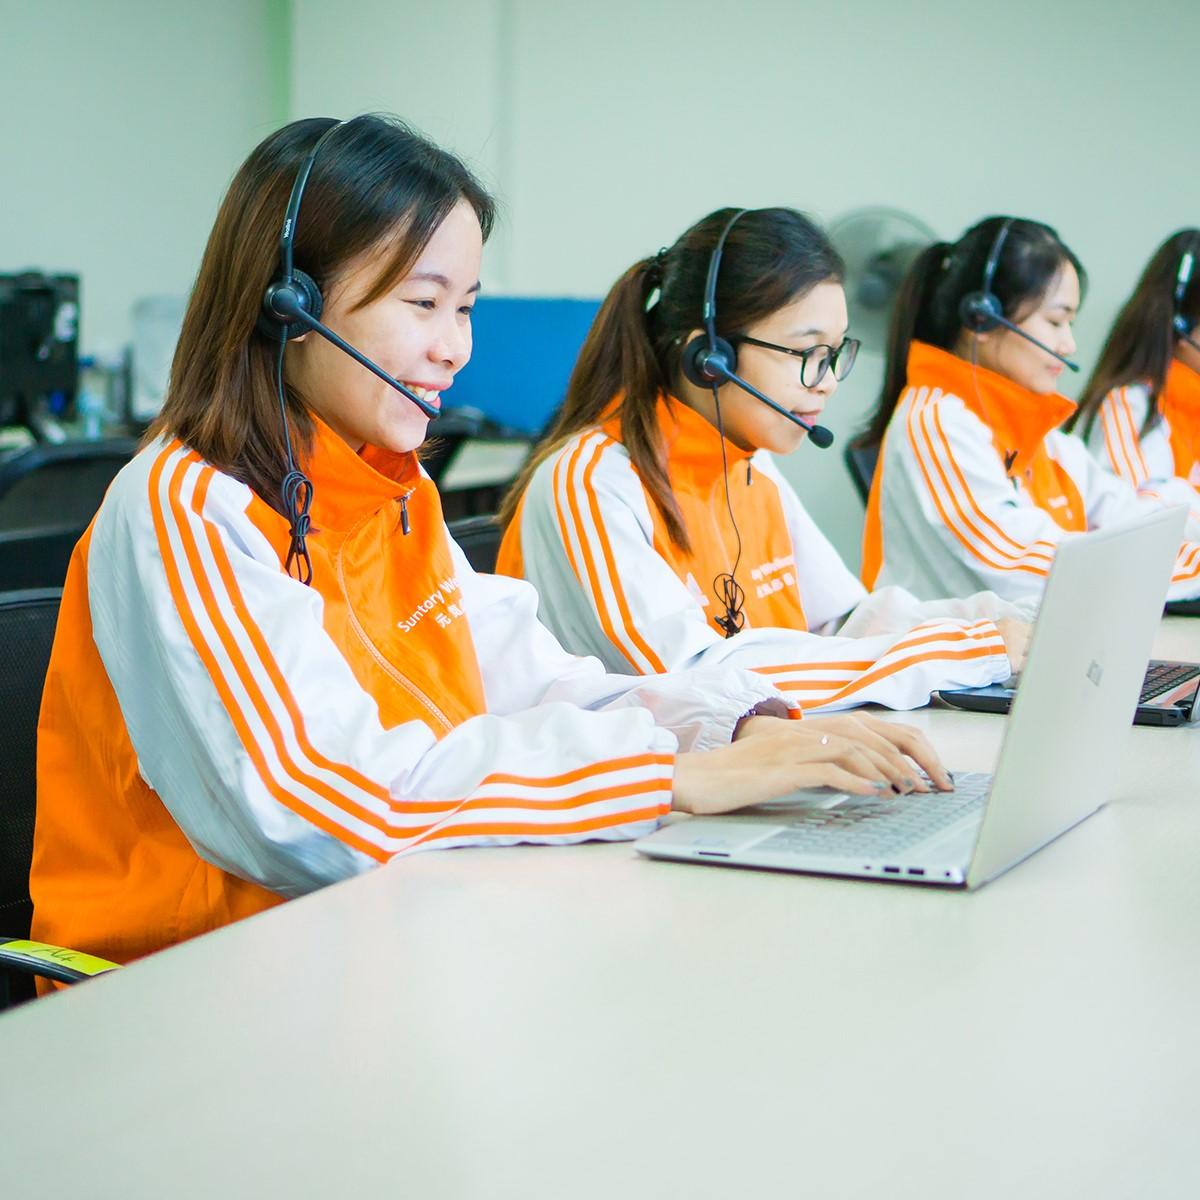 Suntory Wellness phát triển đội ngũ chăm sóc khách hàng đồng hành cùng khách hàng trong mọi tình huống.